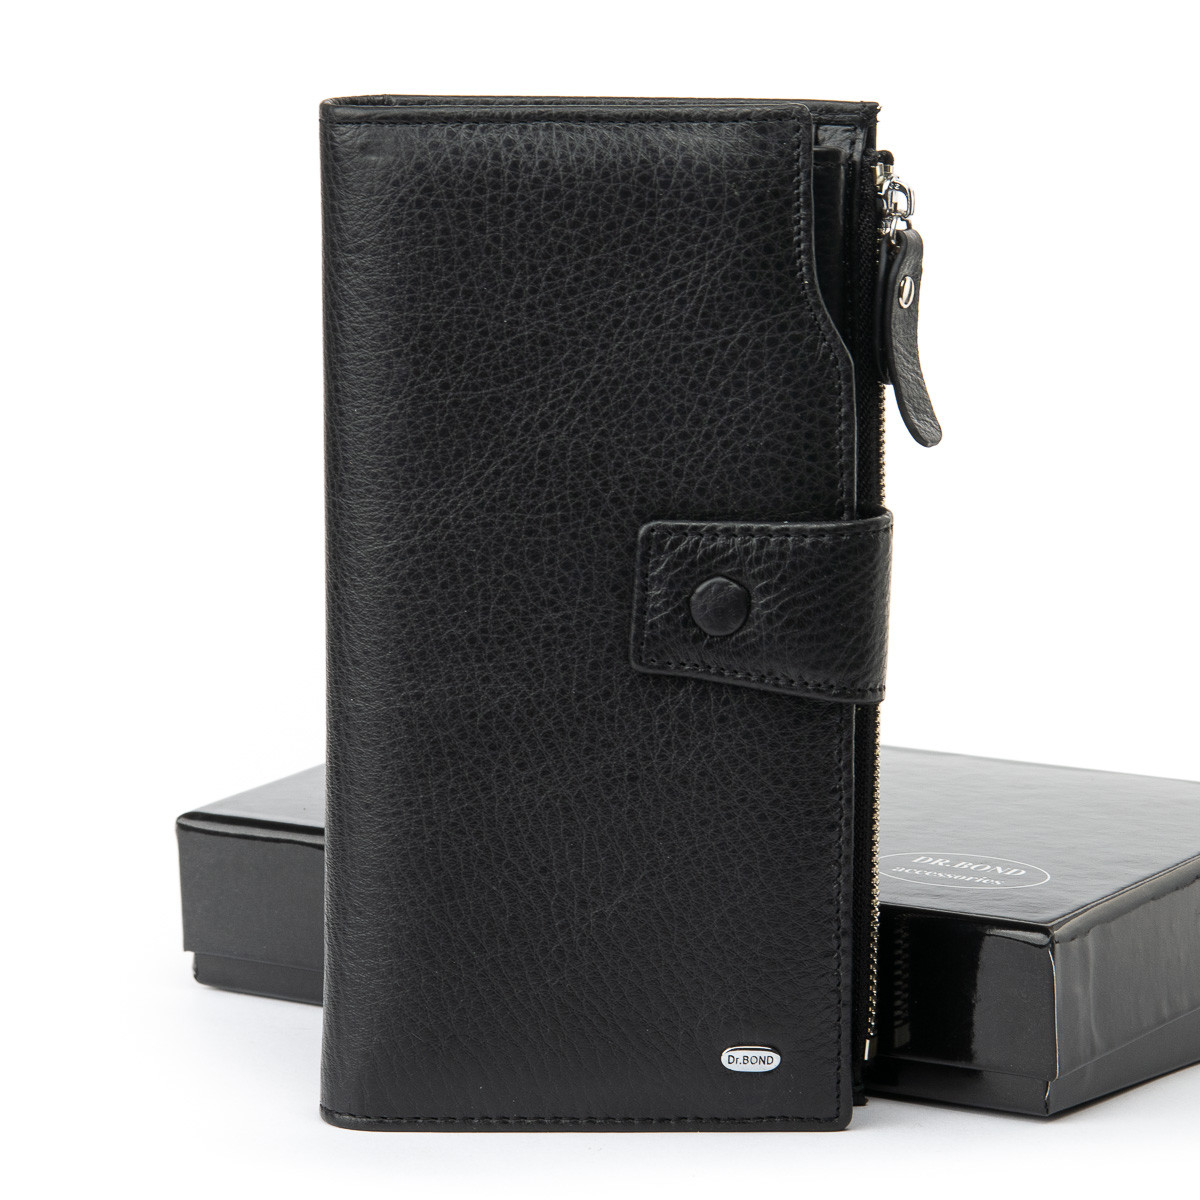 Мужской кожаный кошелек клатч Dr.Bond